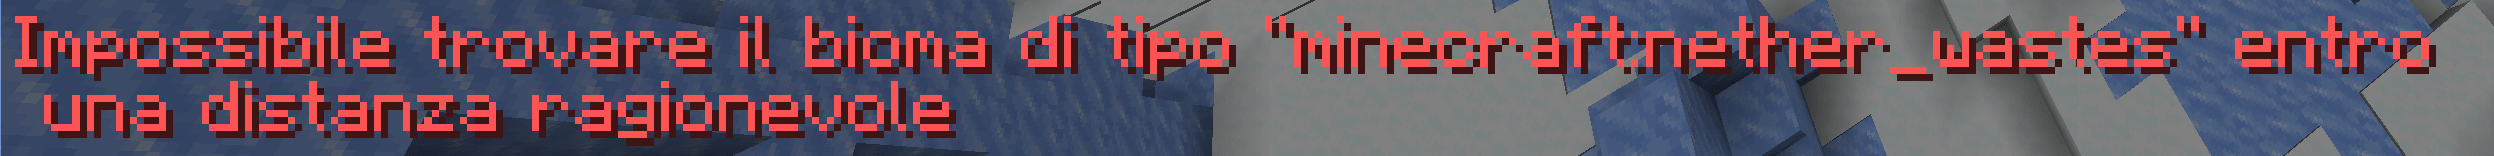 In caso voglia trovare biomi di altre dimensioni di Minecraft, otterrai questo errore: il Locatebiome funziona solo nella tua dimensione attuale.